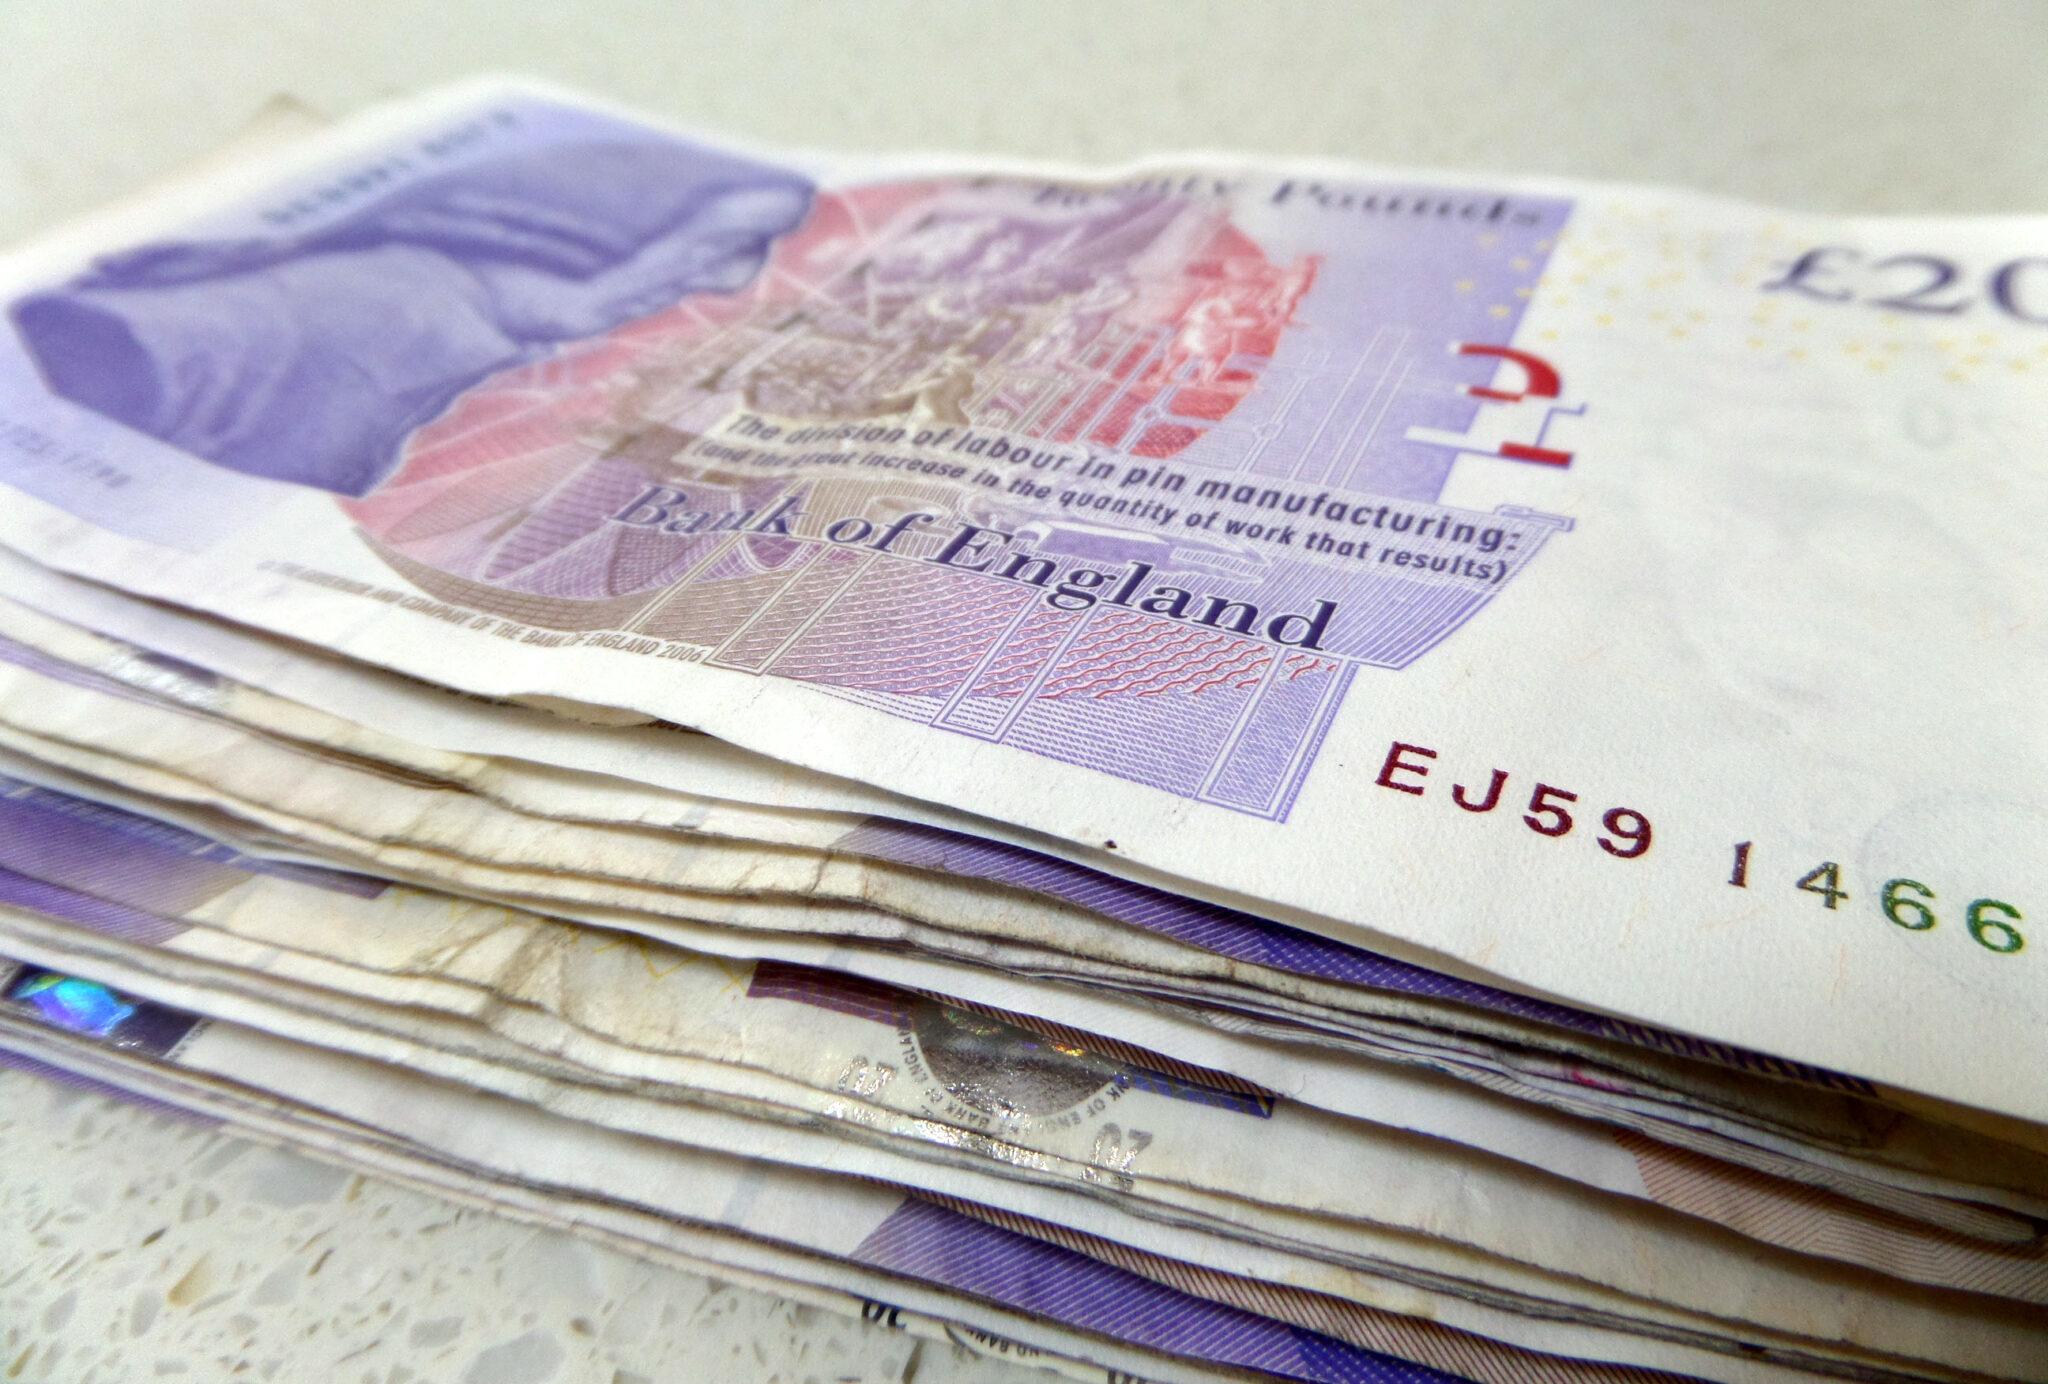 Seizure of cash - crime proceeds